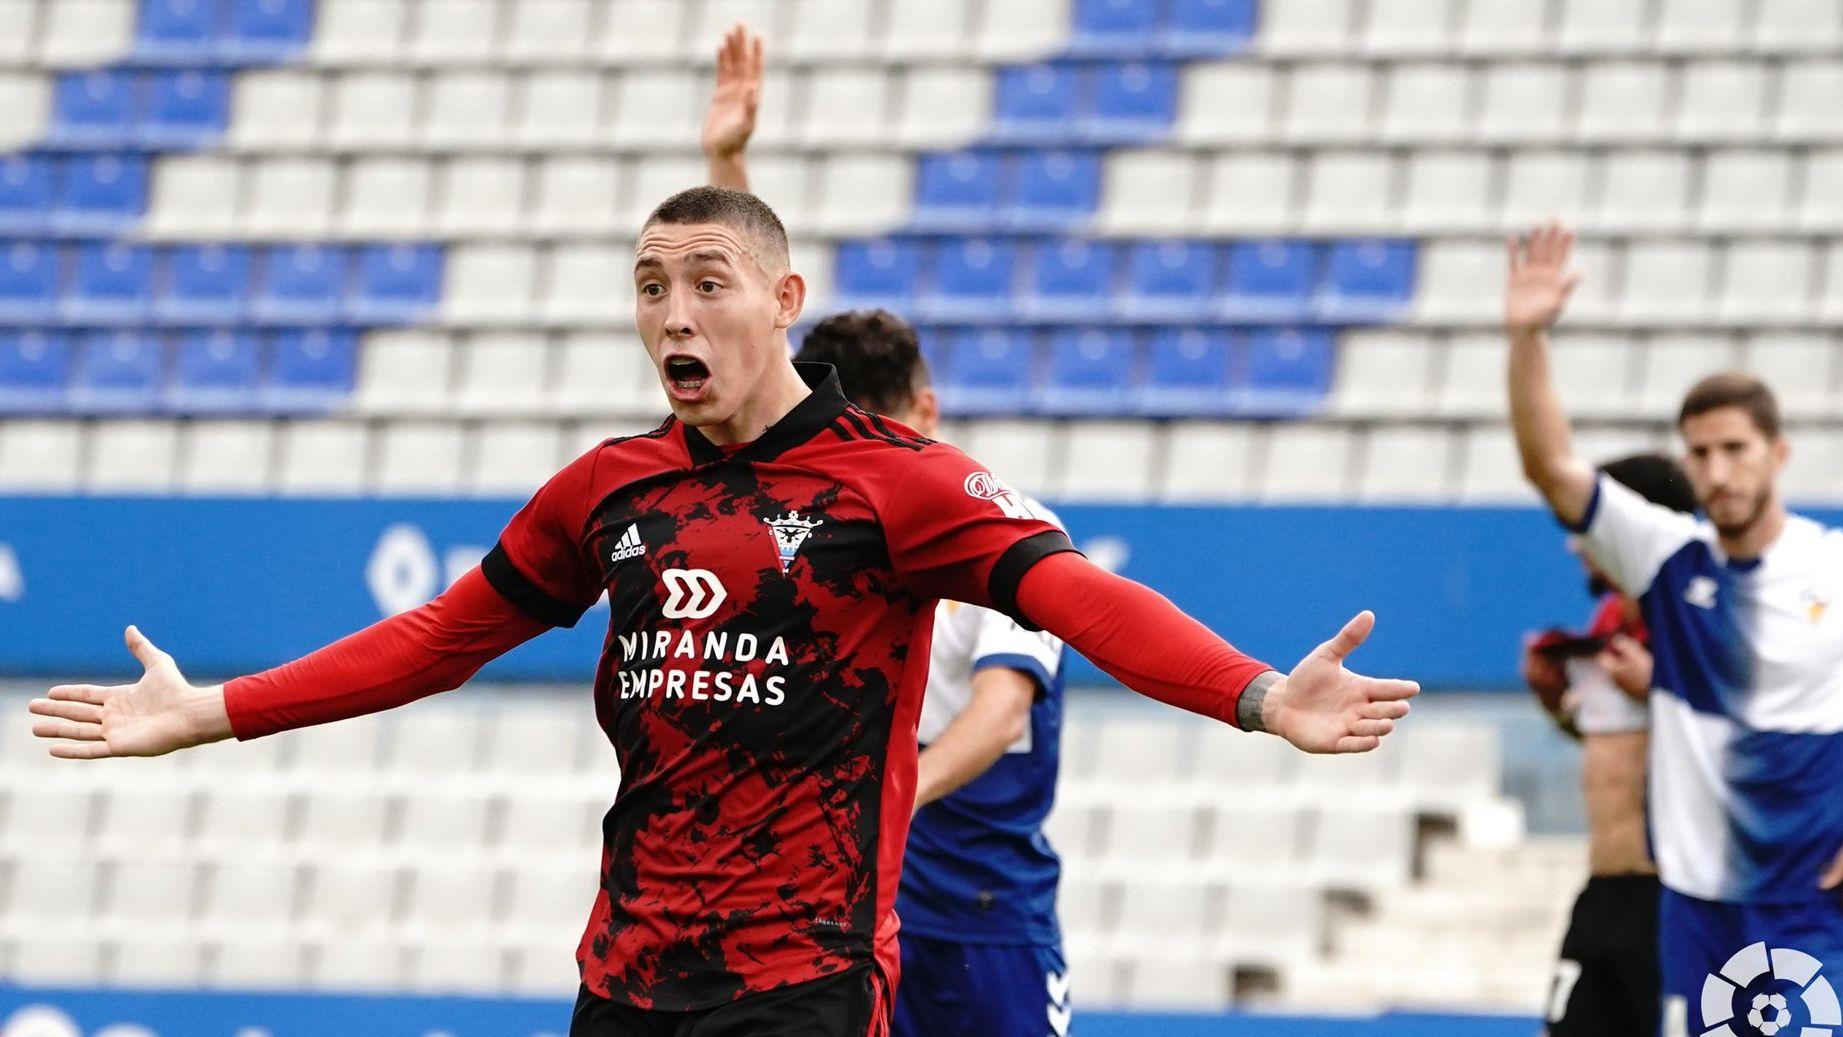 El Mirandés ha marcat les dues dianes a la recta final. | CF Mirandés (LaLiga)